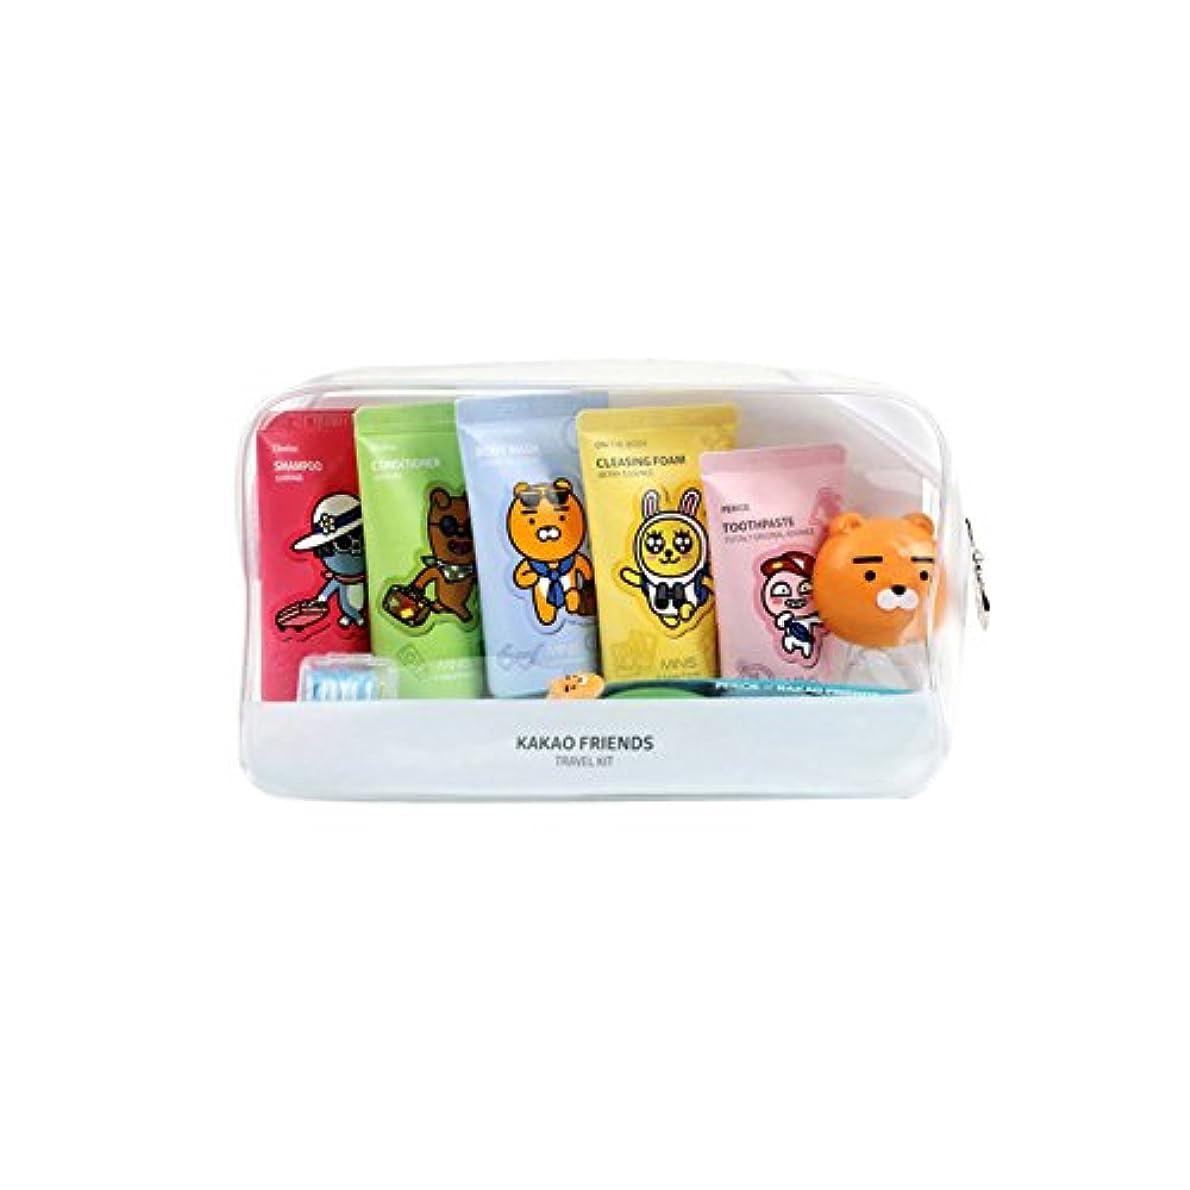 国家イブニングよろしくKAKAO Friends Convenience Travel Kit 7 Piece Shampoo,Conditioner,Body Wash,Cleansing Foam,Tooth Paste,Tooth Brush...